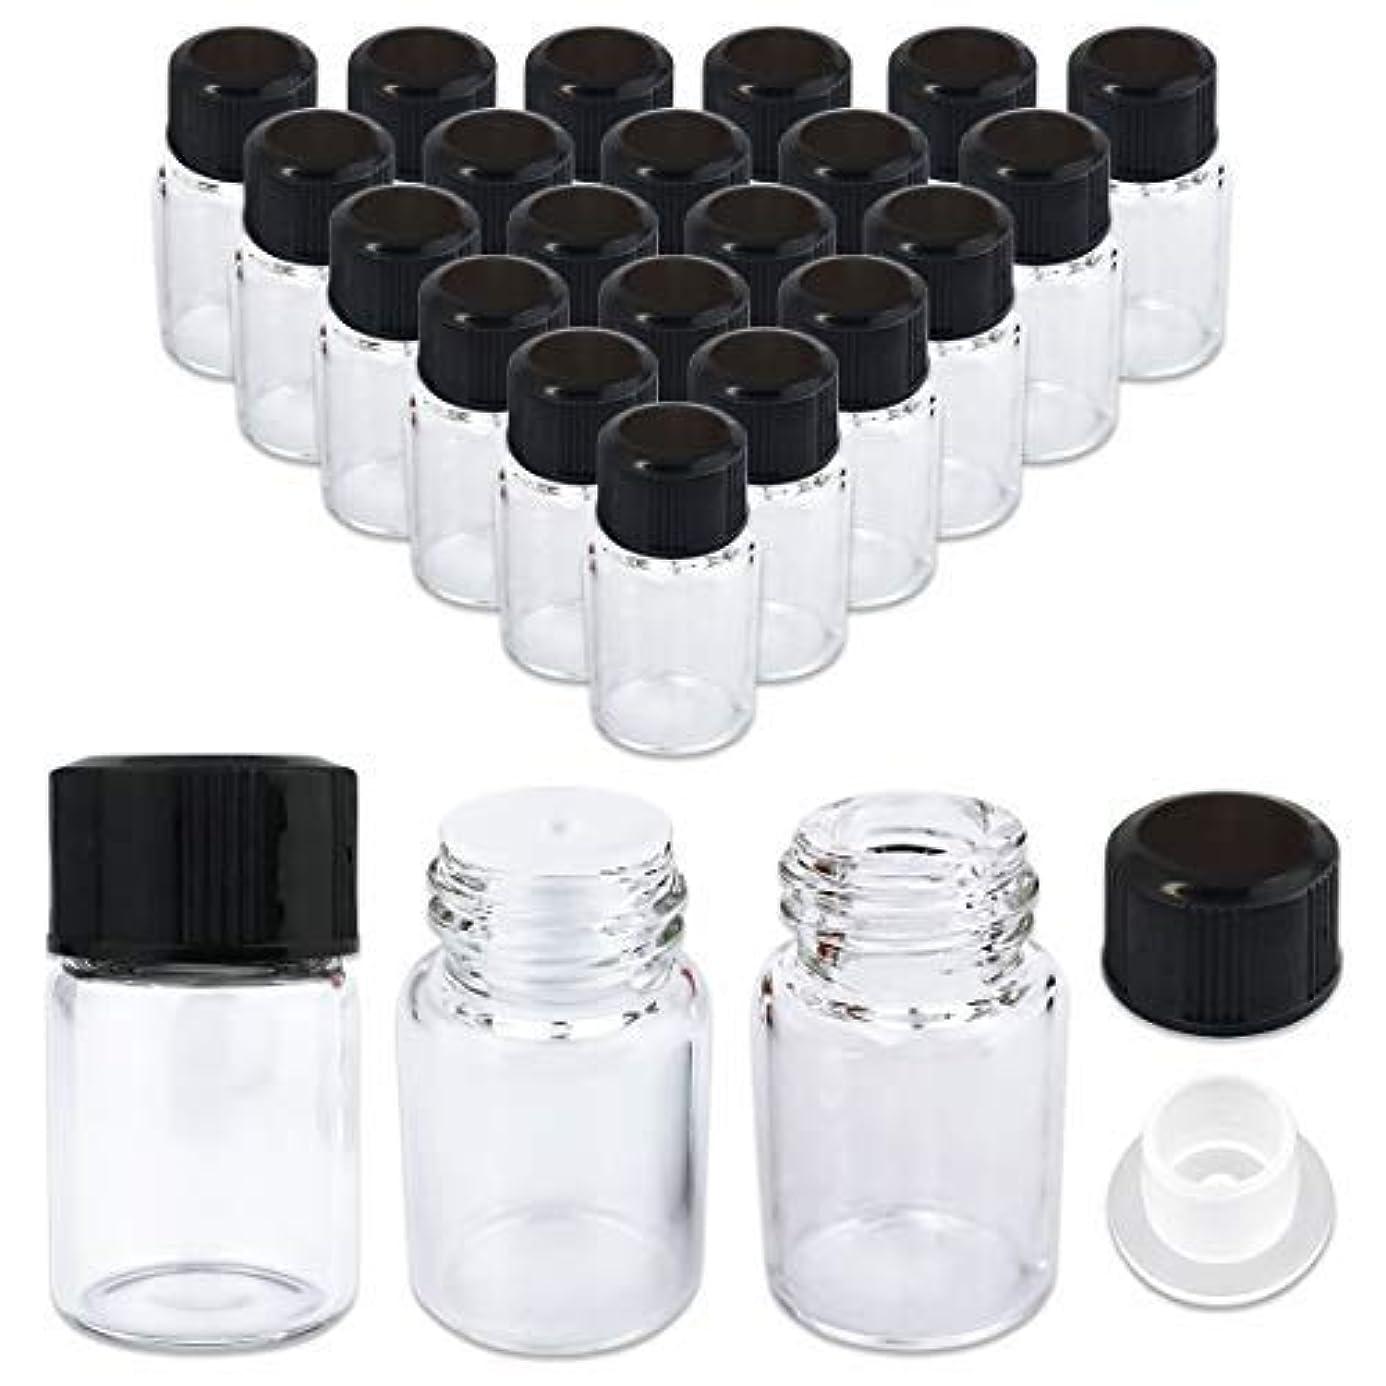 代表して証言するミュウミュウ24 Packs Beauticom 2ML Clear Glass Vial for Essential Oils, Aromatherapy, Fragrance, Serums, Spritzes, with Orifice...